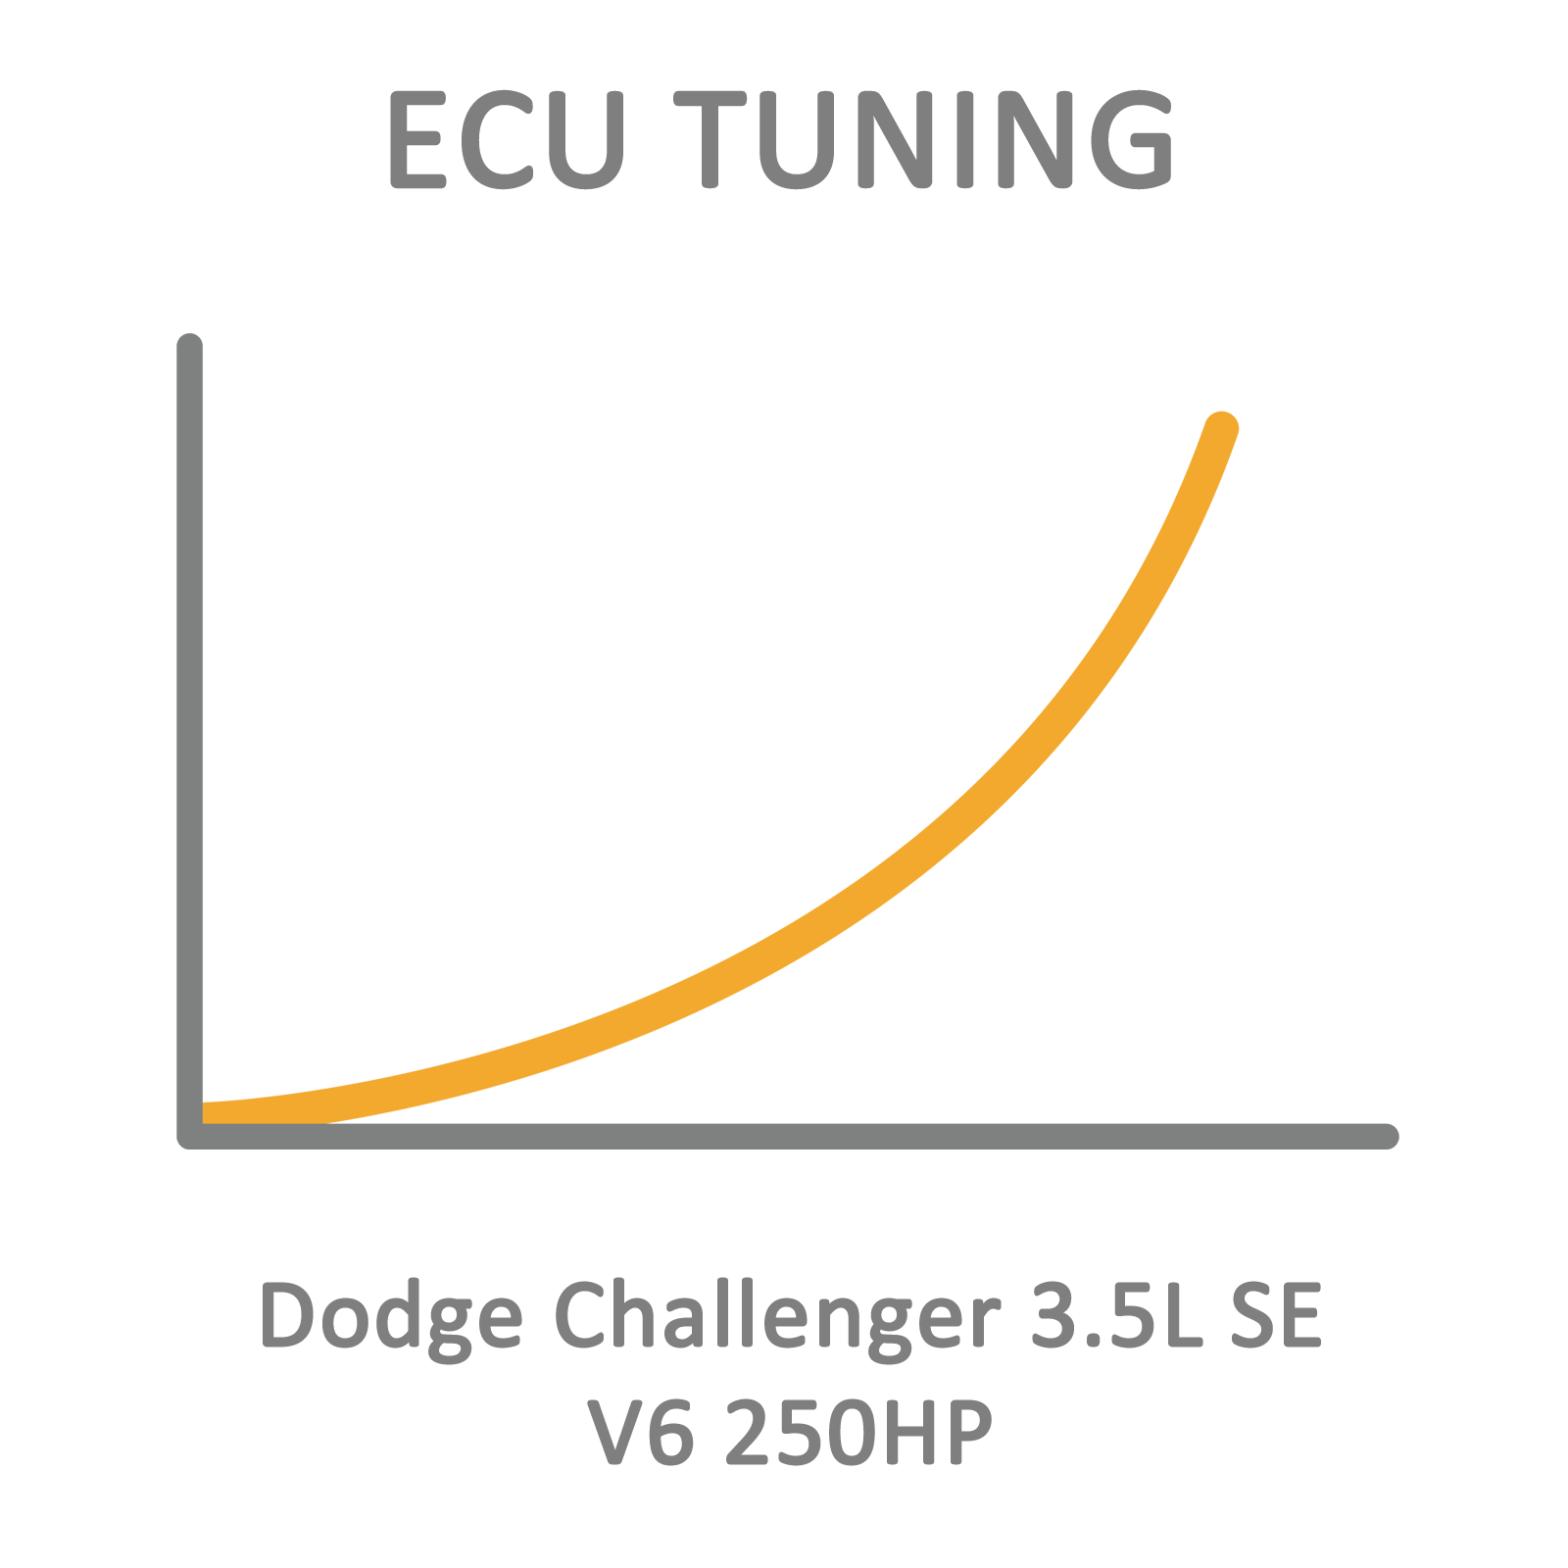 Dodge Challenger 3.5L SE V6 250HP ECU Tuning Remapping